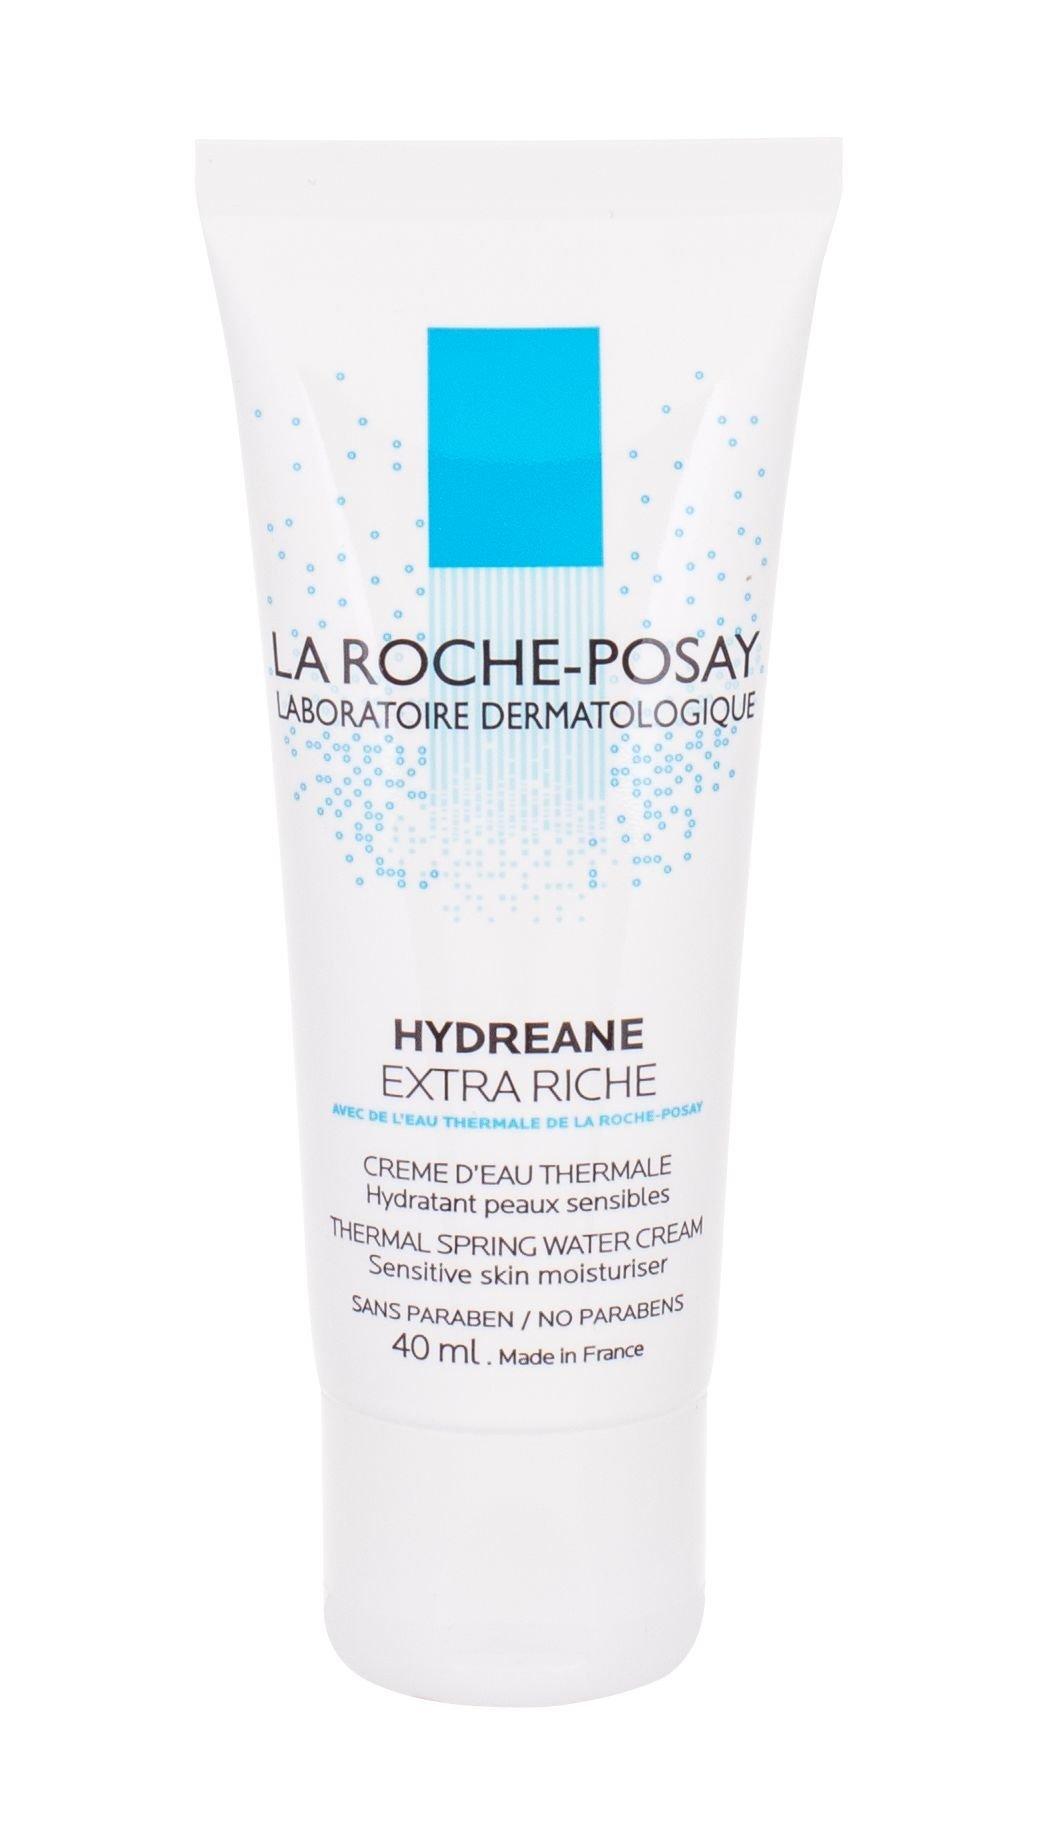 La Roche-Posay Hydreane Cosmetic 40ml  Extra Riche